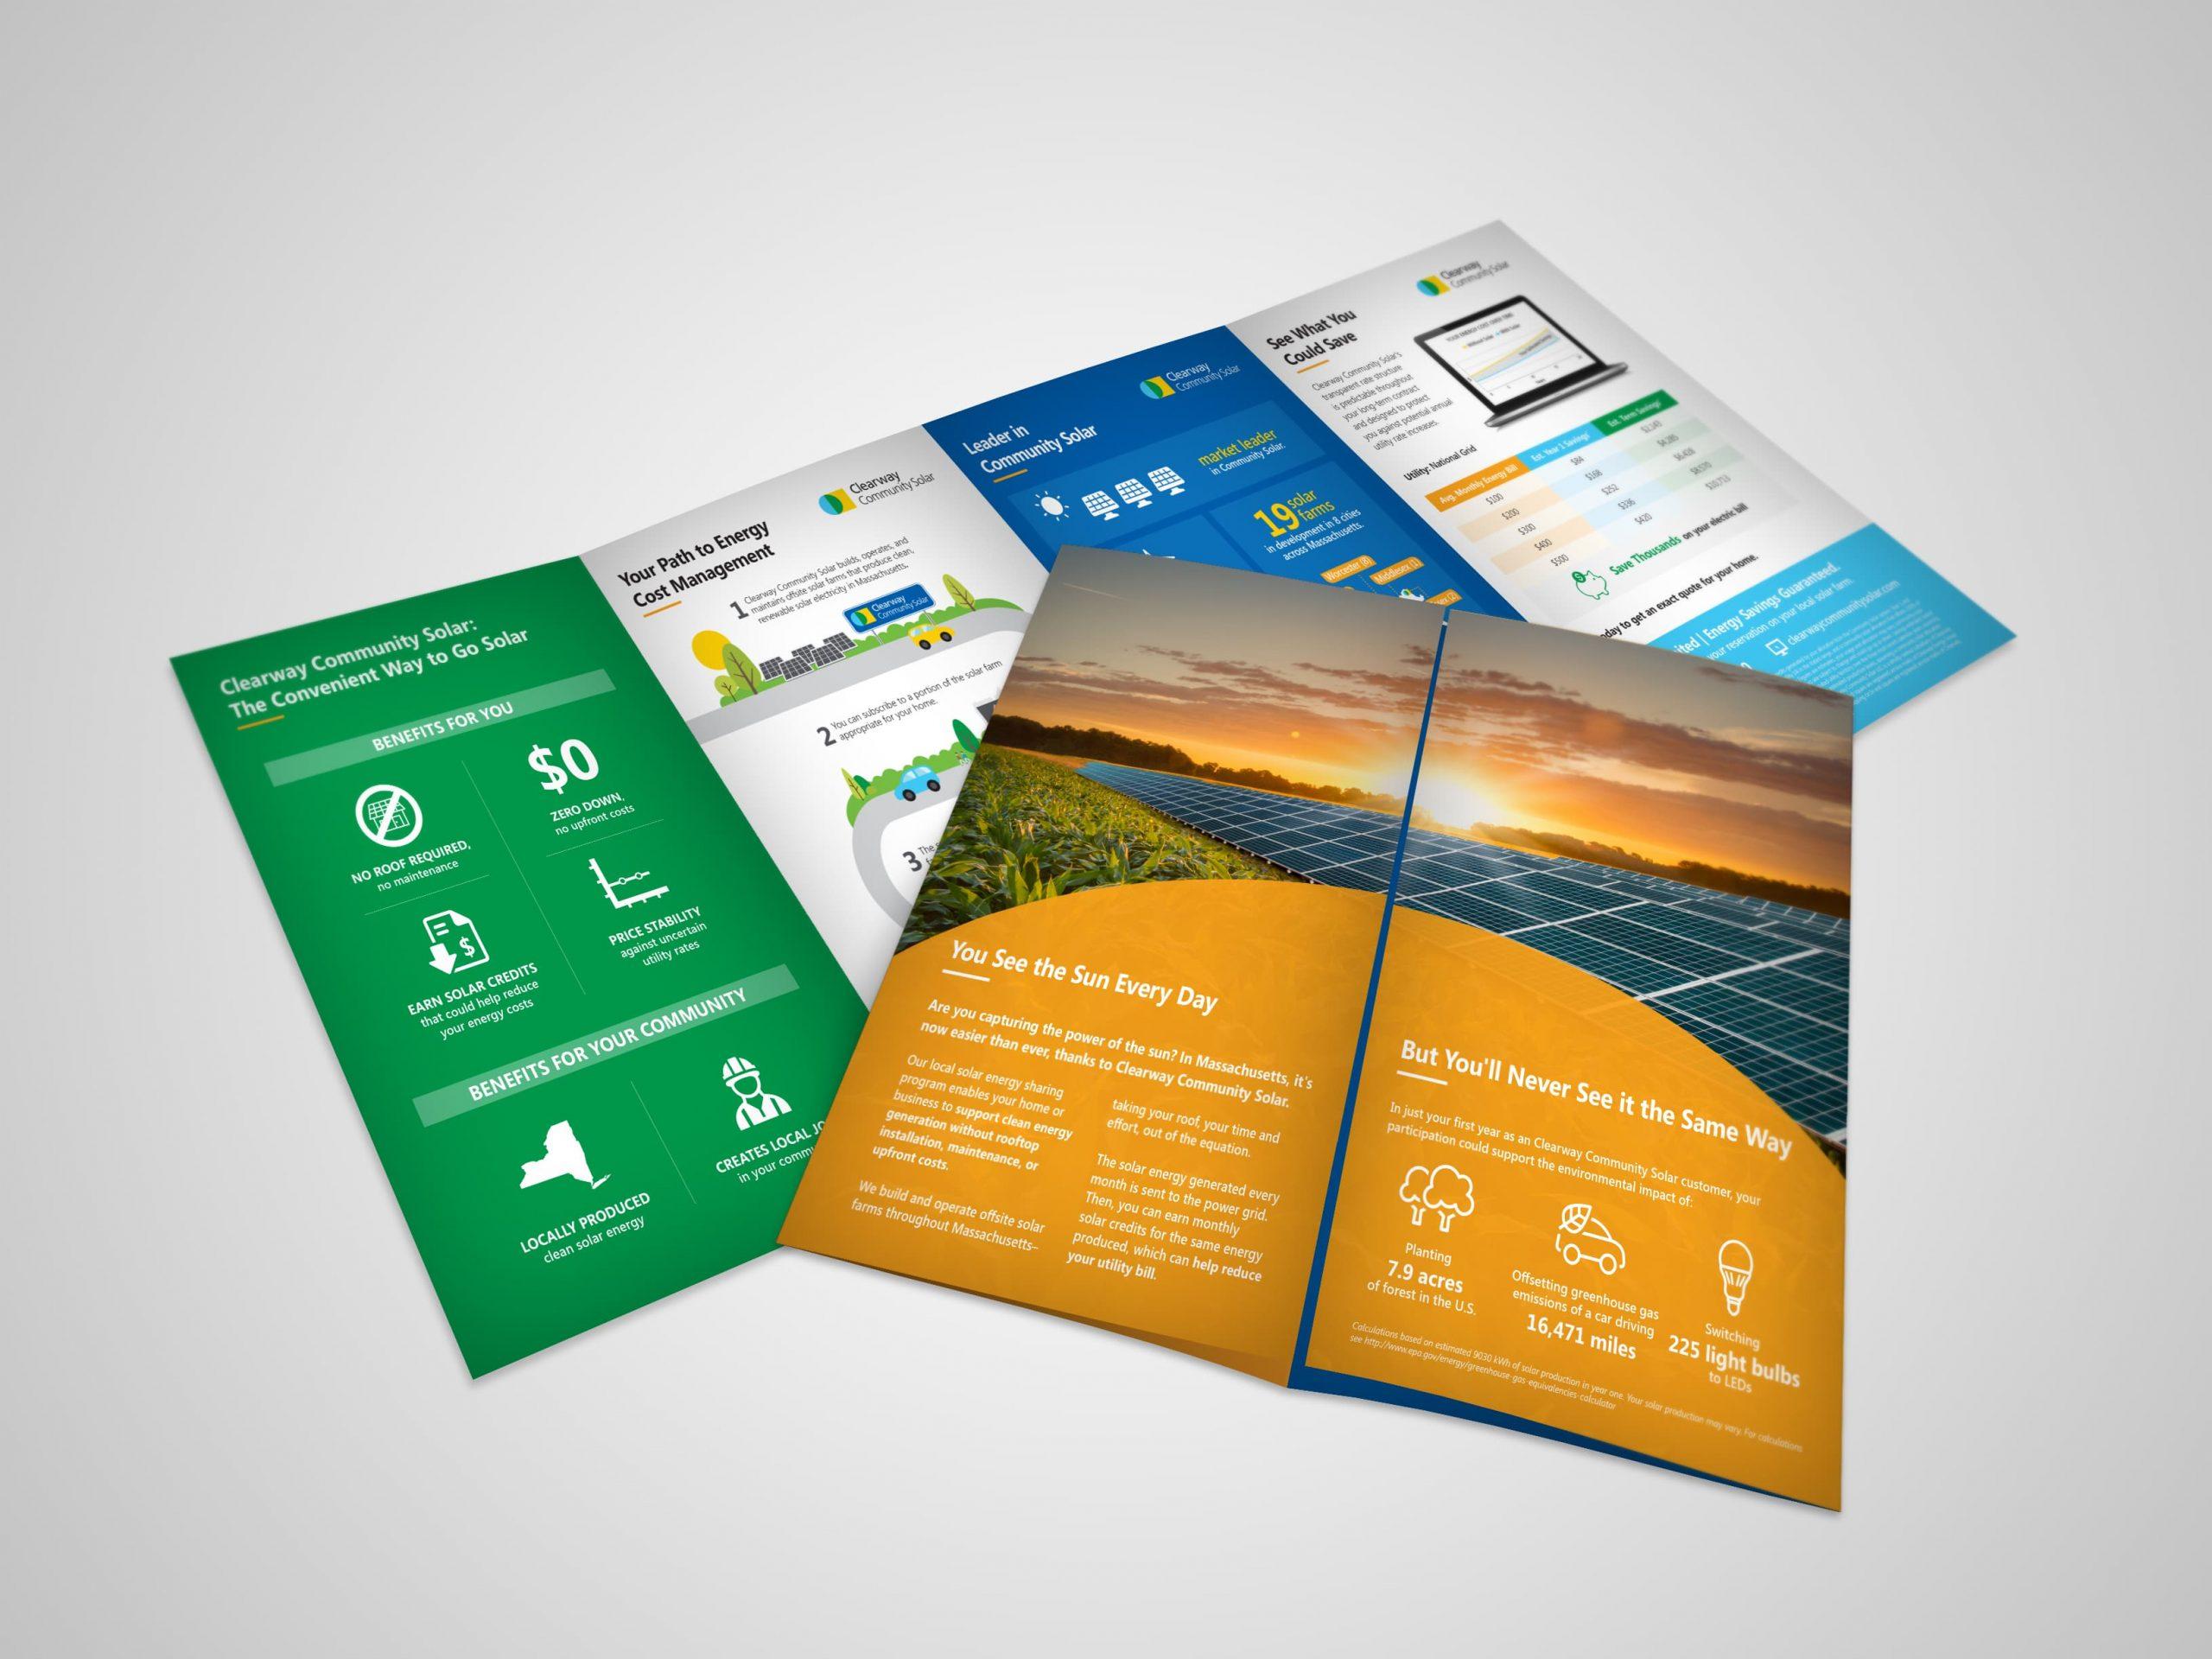 Clearway-community-solar-Gatefold-brochure-2